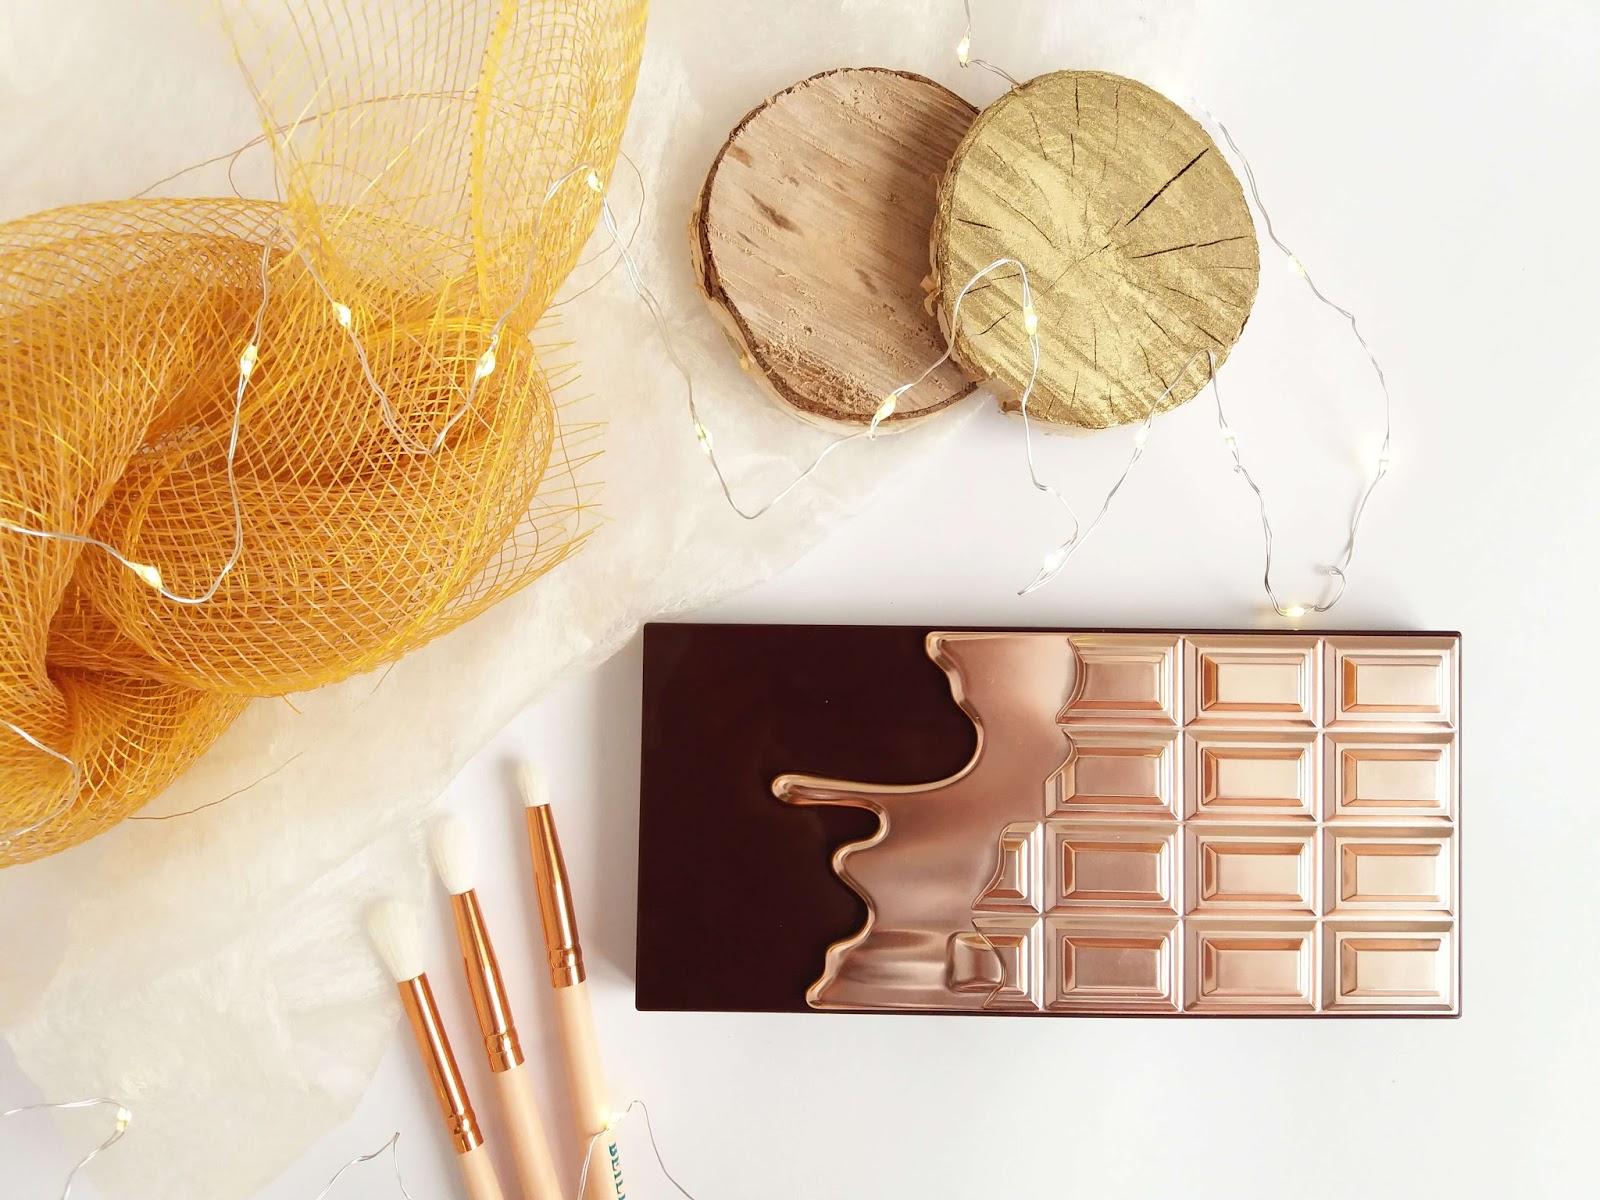 Paleta cieni I Heart Makeup Chocolate Elixir - czy naprawdę pachnie czekoladą?